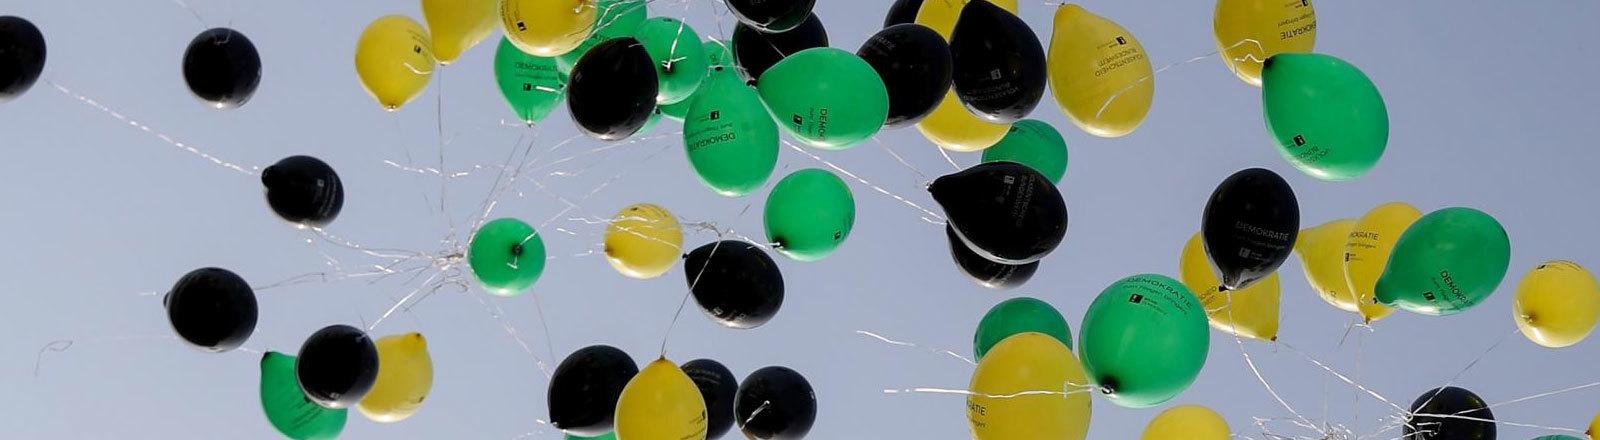 """Ballons in Jamaika-Farben bei einer Demonstration von """"Mehr Demokratie"""""""